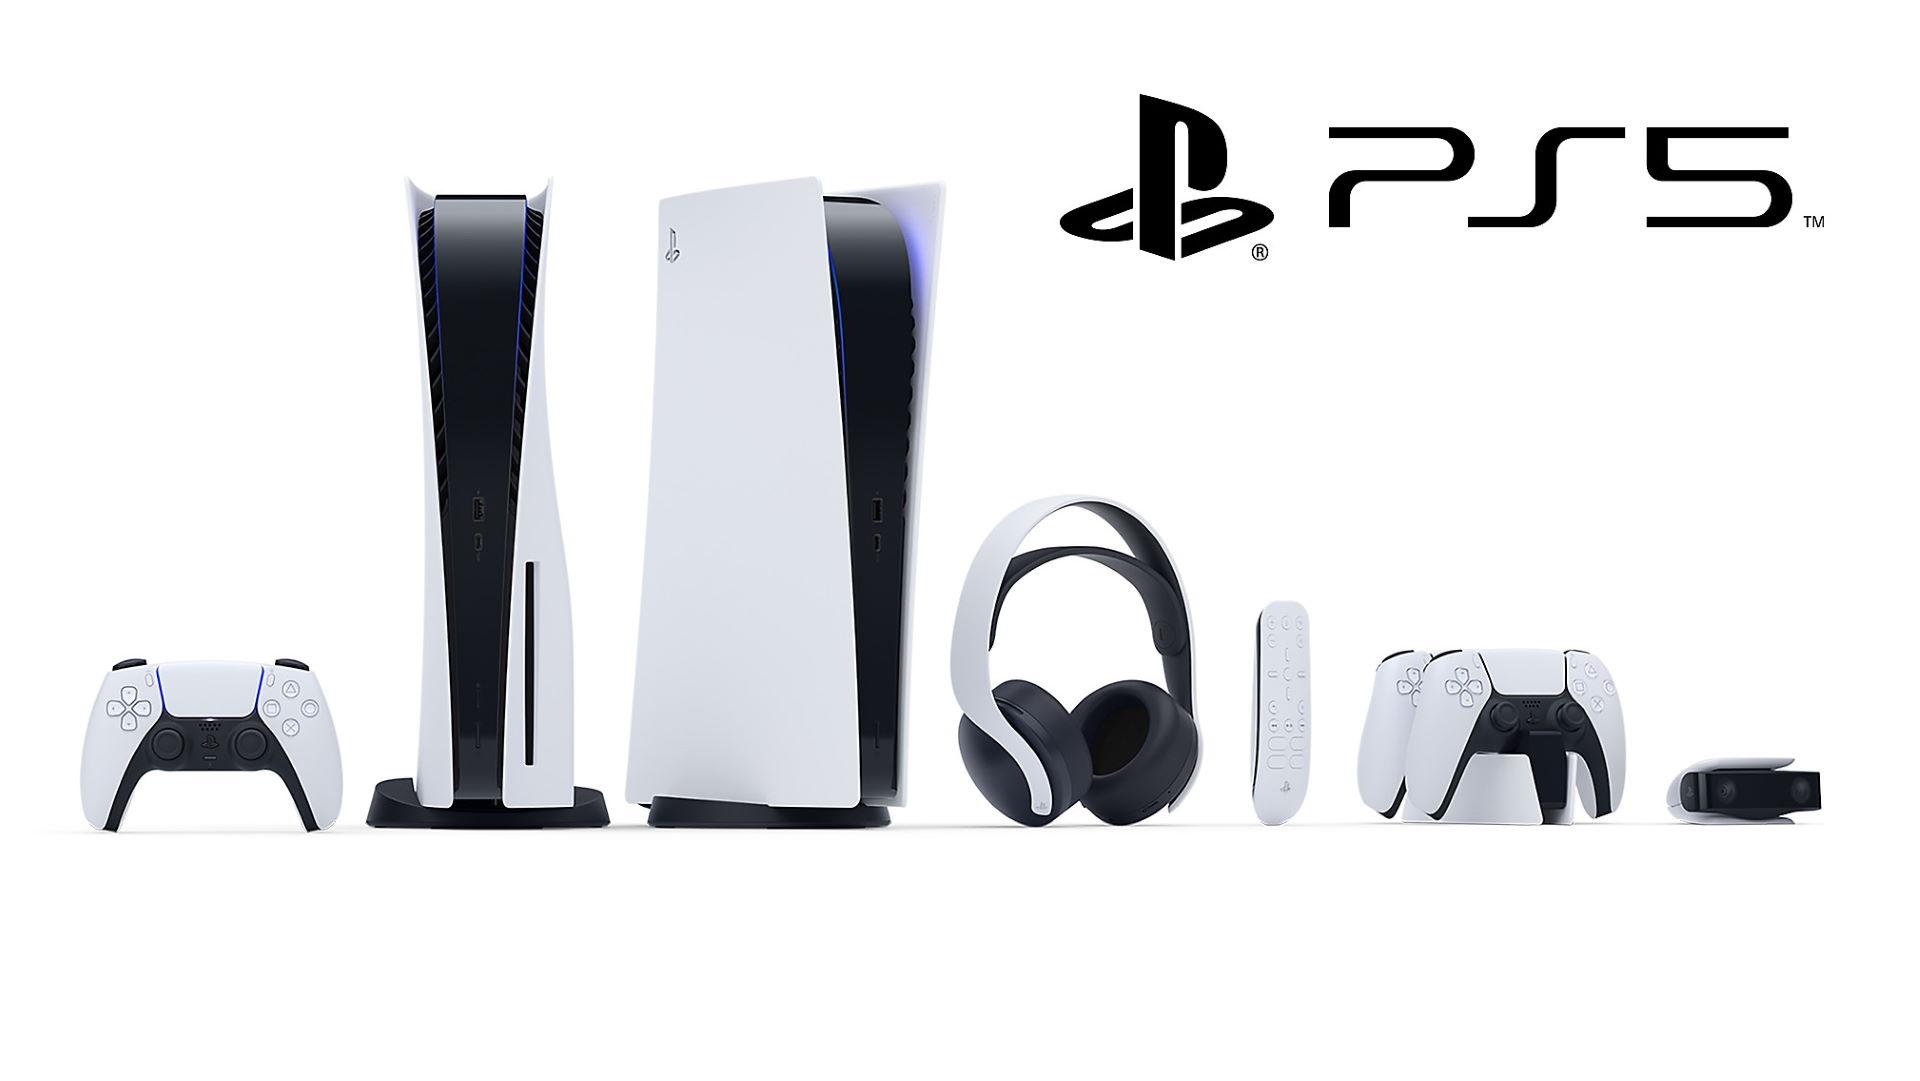 Tak prezentuje się wygląd PlayStation 5.